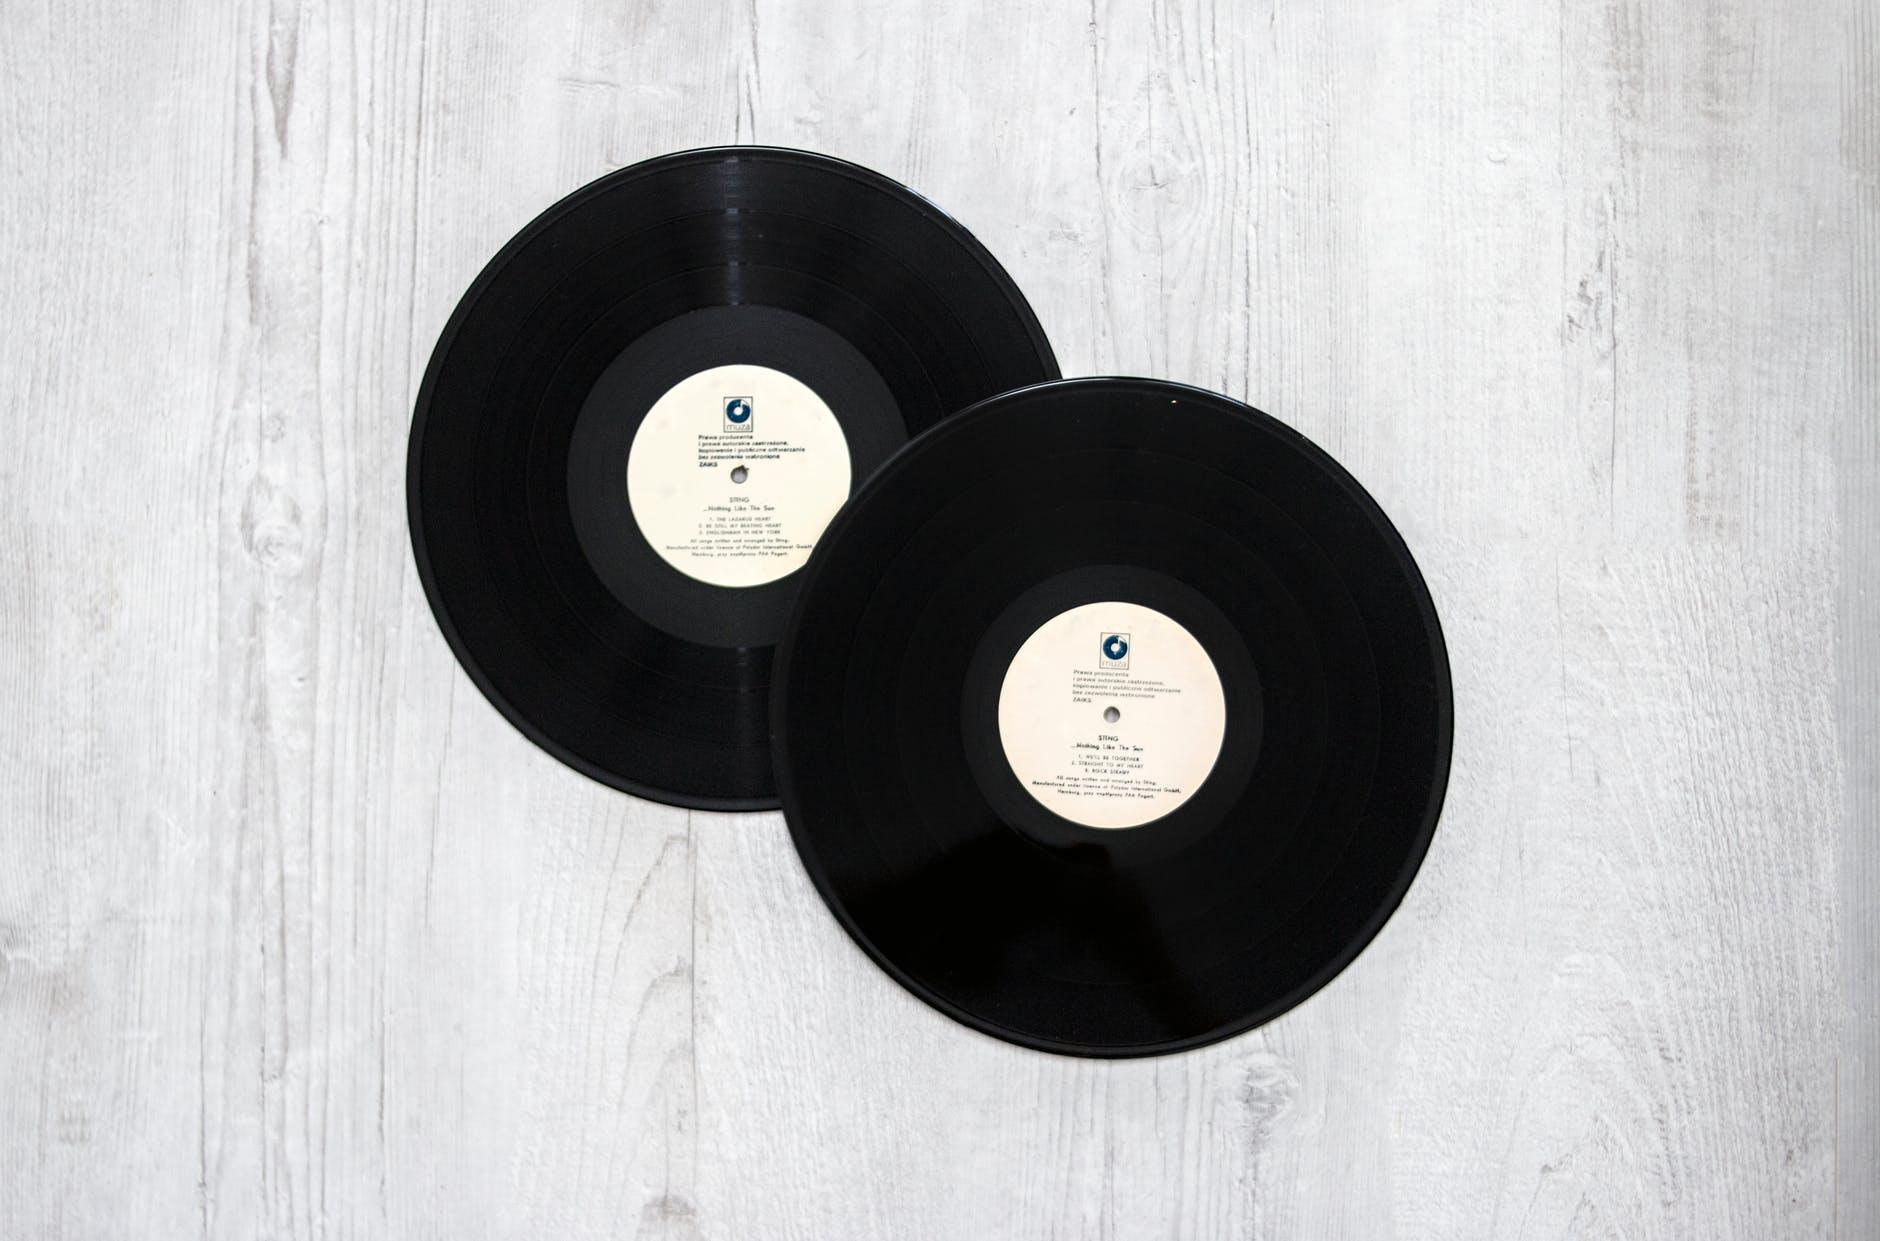 """La plupart des labels indépendants, en France (Barclay, Vogue, Erato), à l'international (Island, Motown, Chrysalis, A & M"""") ont été absorbés par les 3 majors de l'industrie musicale, à savoir ces trois sociétés qui se partagent la majorité du business de la musique et représentent 71,7 % des ventes dans le monde :"""